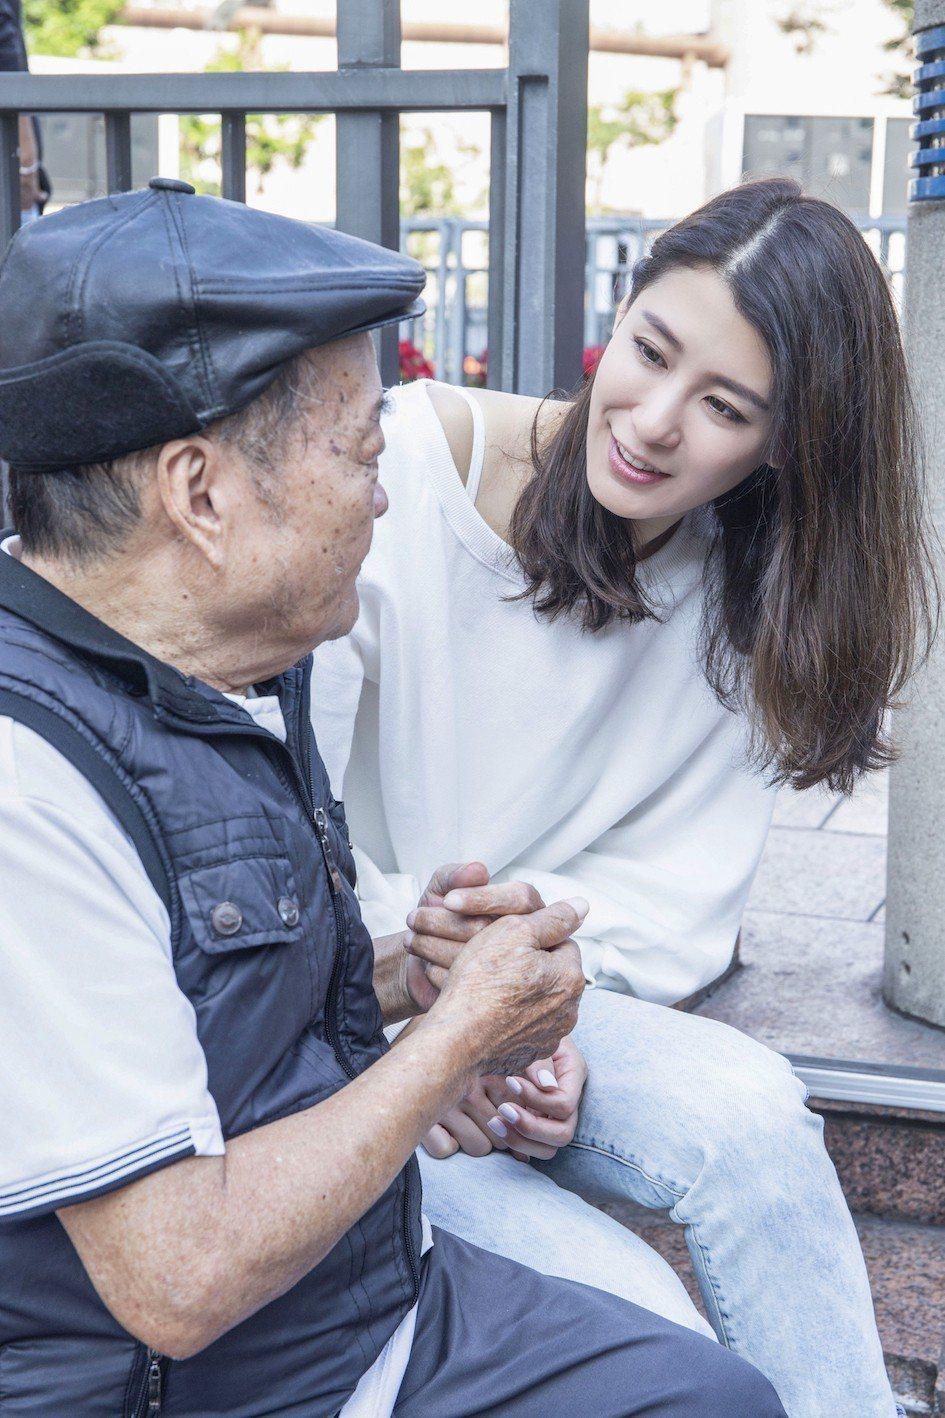 趙孟姿和老爺爺聊天,被勸趁年輕找對象。圖/凱渥提供